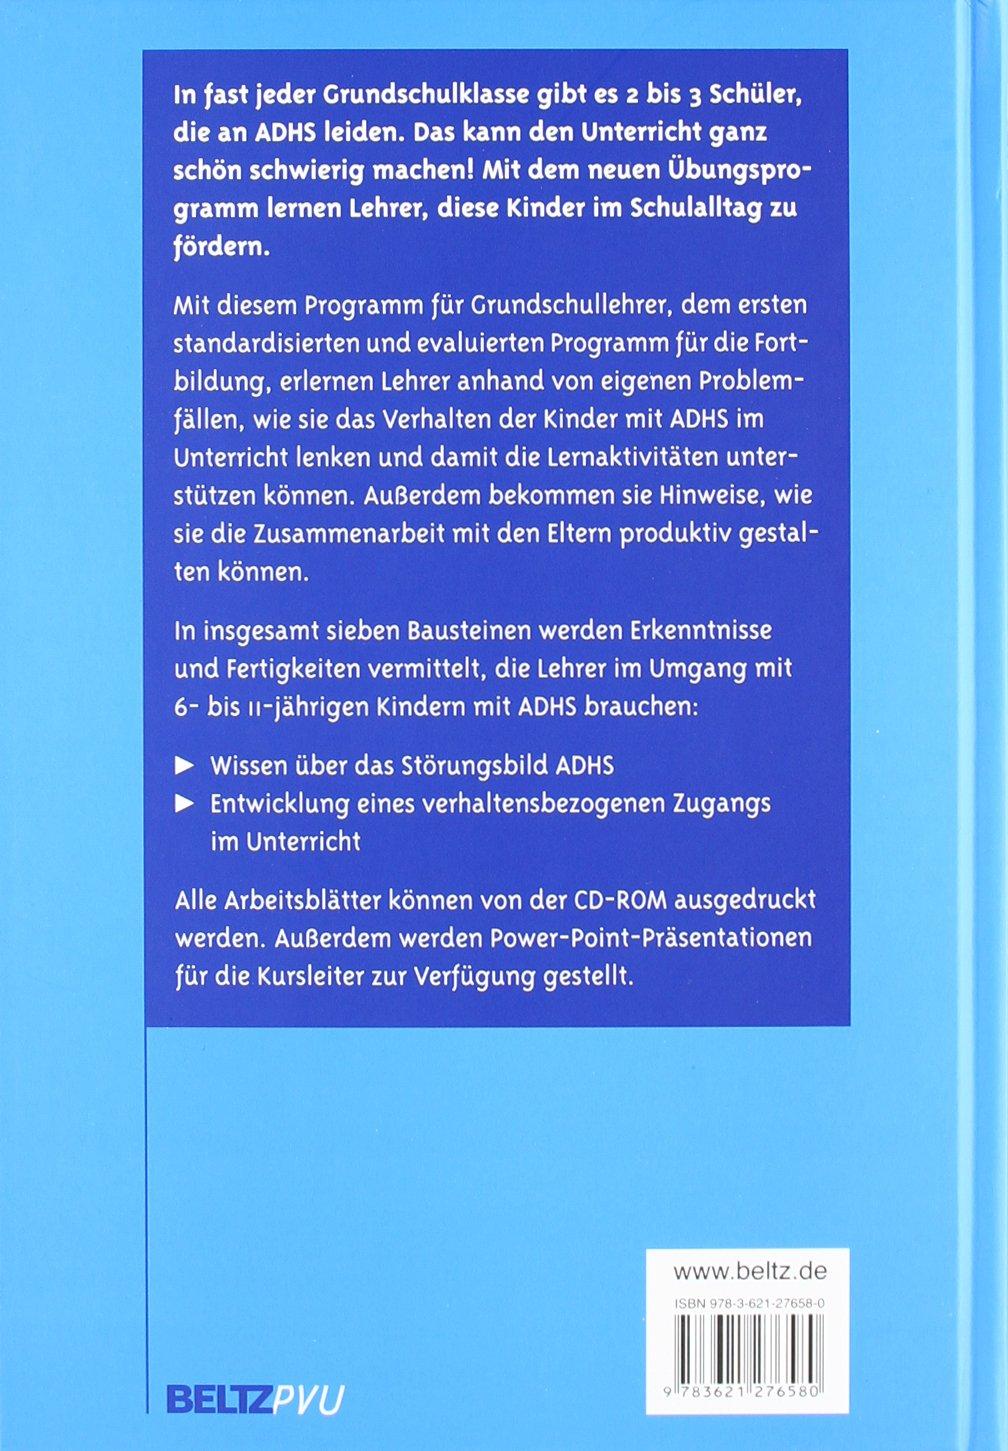 ADHS in der Schule: Übungsprogramm für Lehrer. Mit CD-ROM: Amazon.de ...